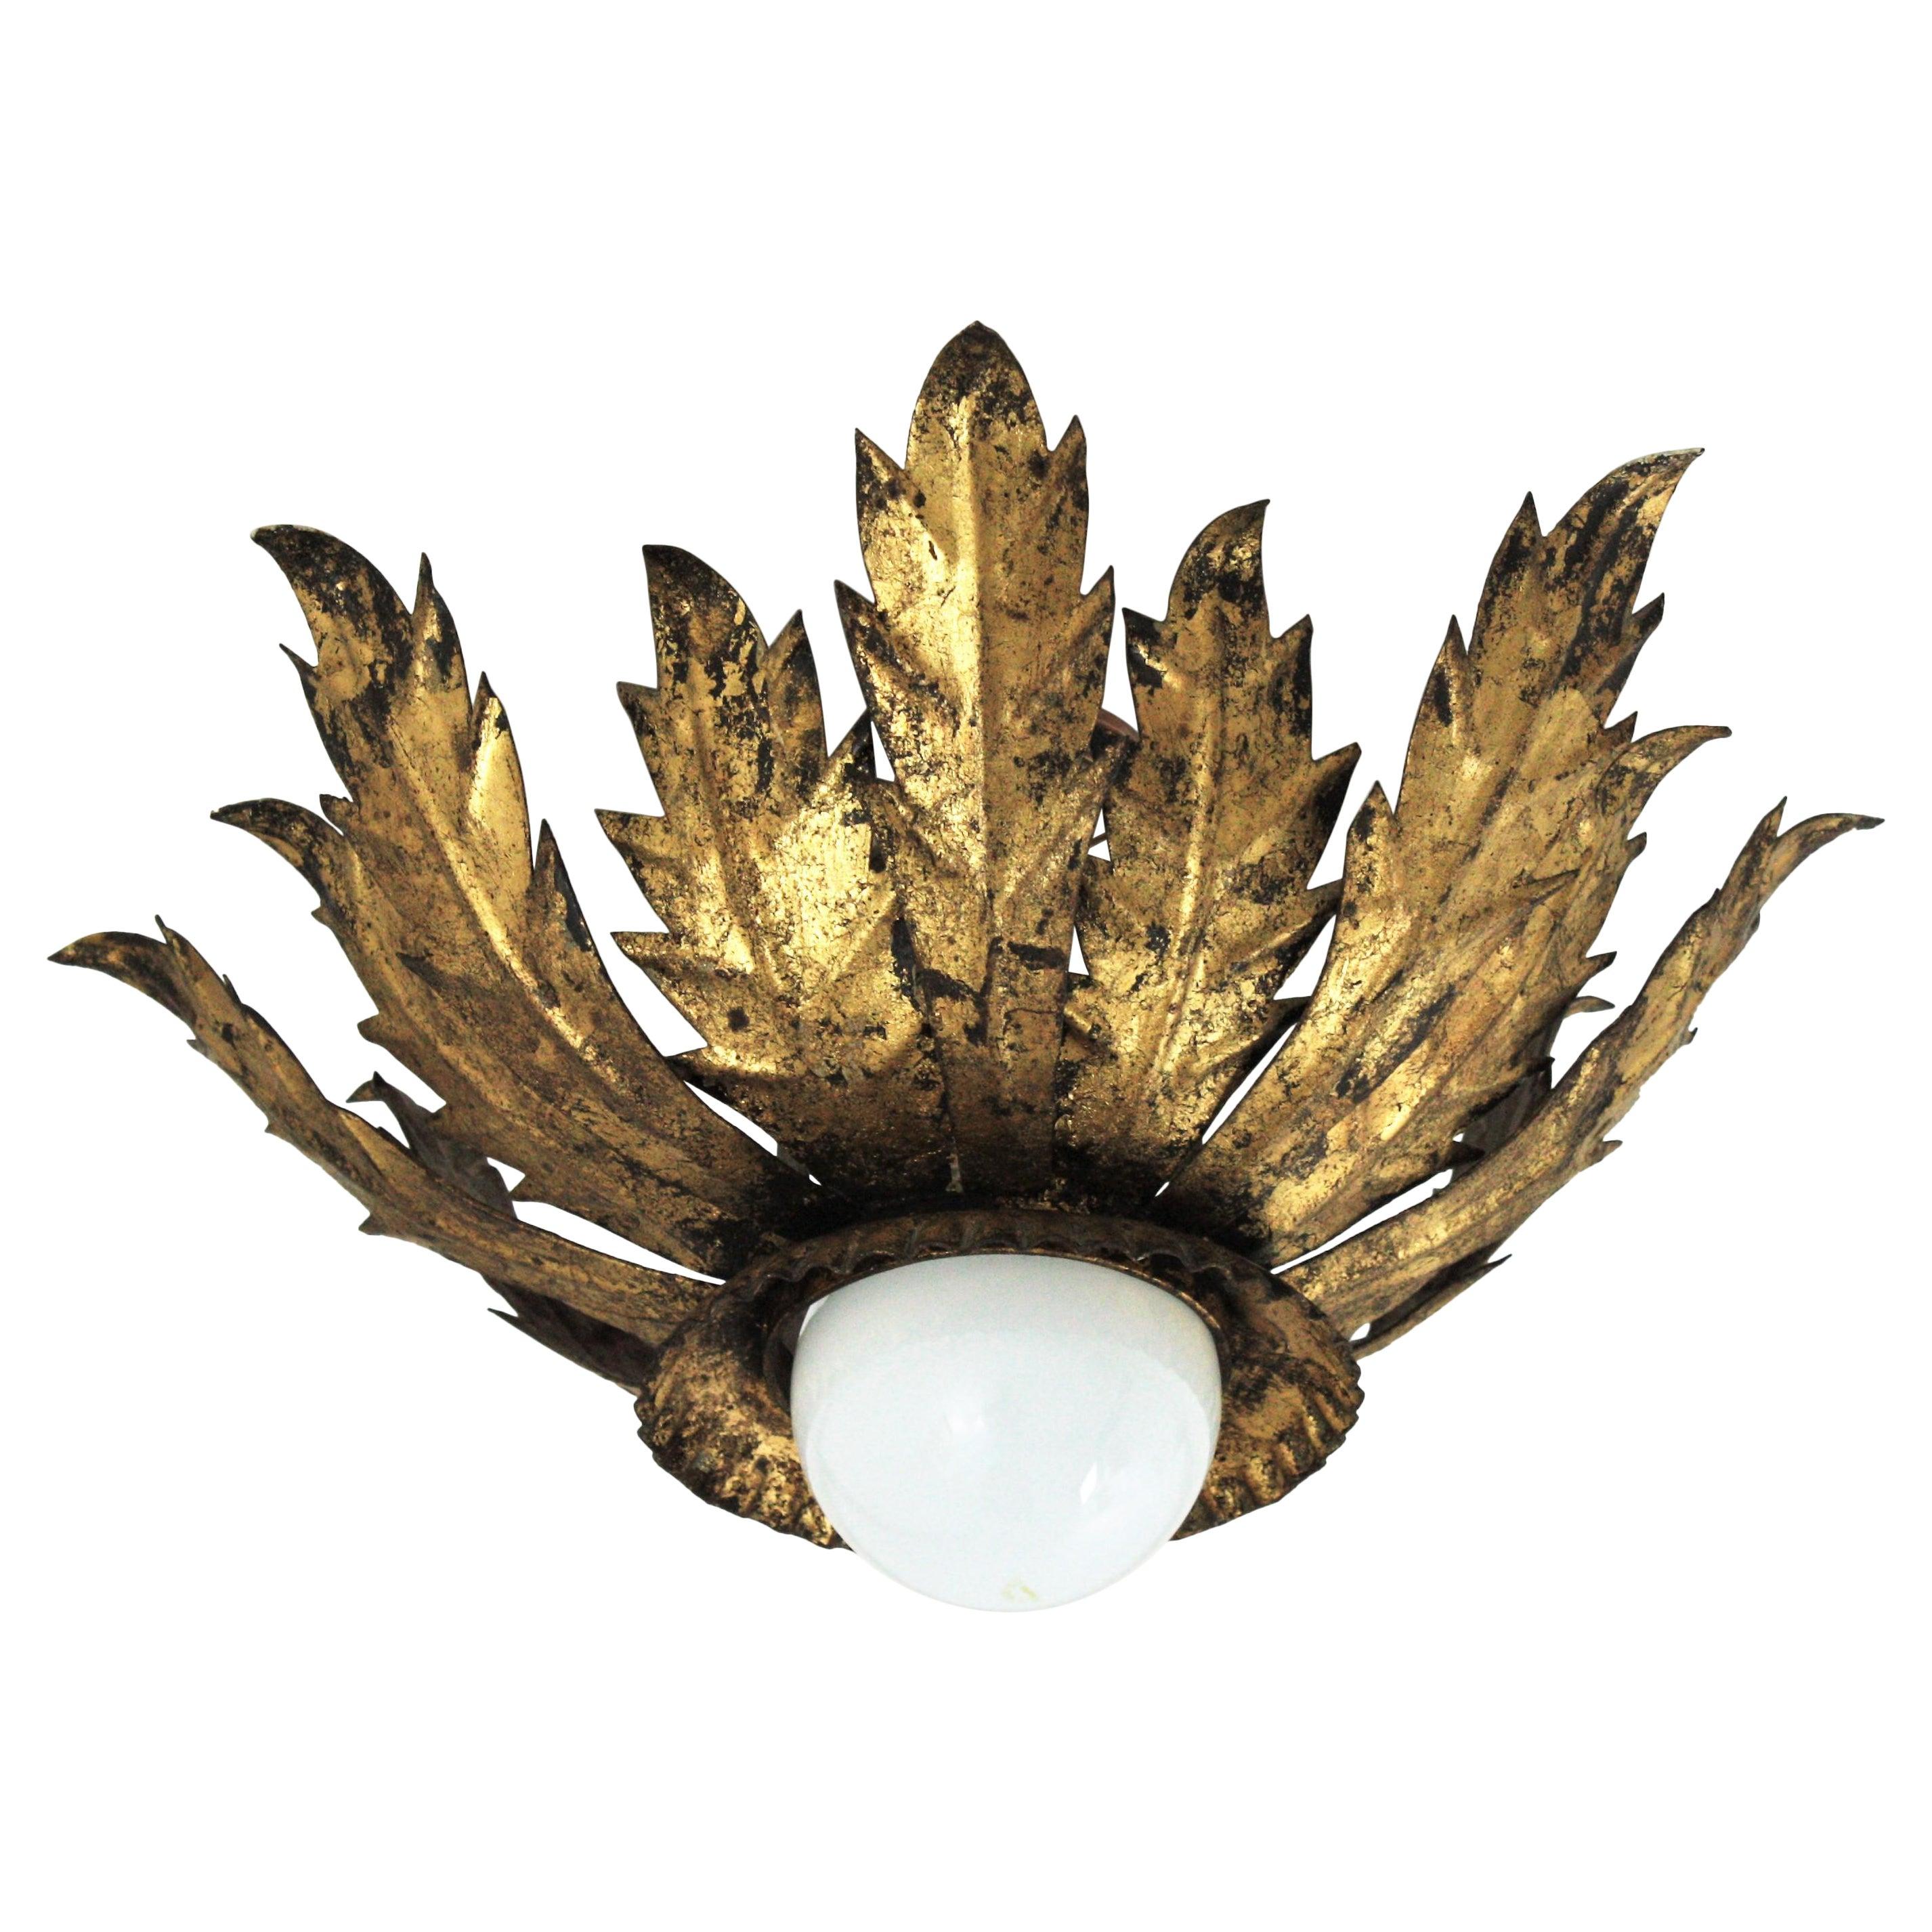 Leafed Crown Sunburst Light Fixture in Gold Gilt Metal